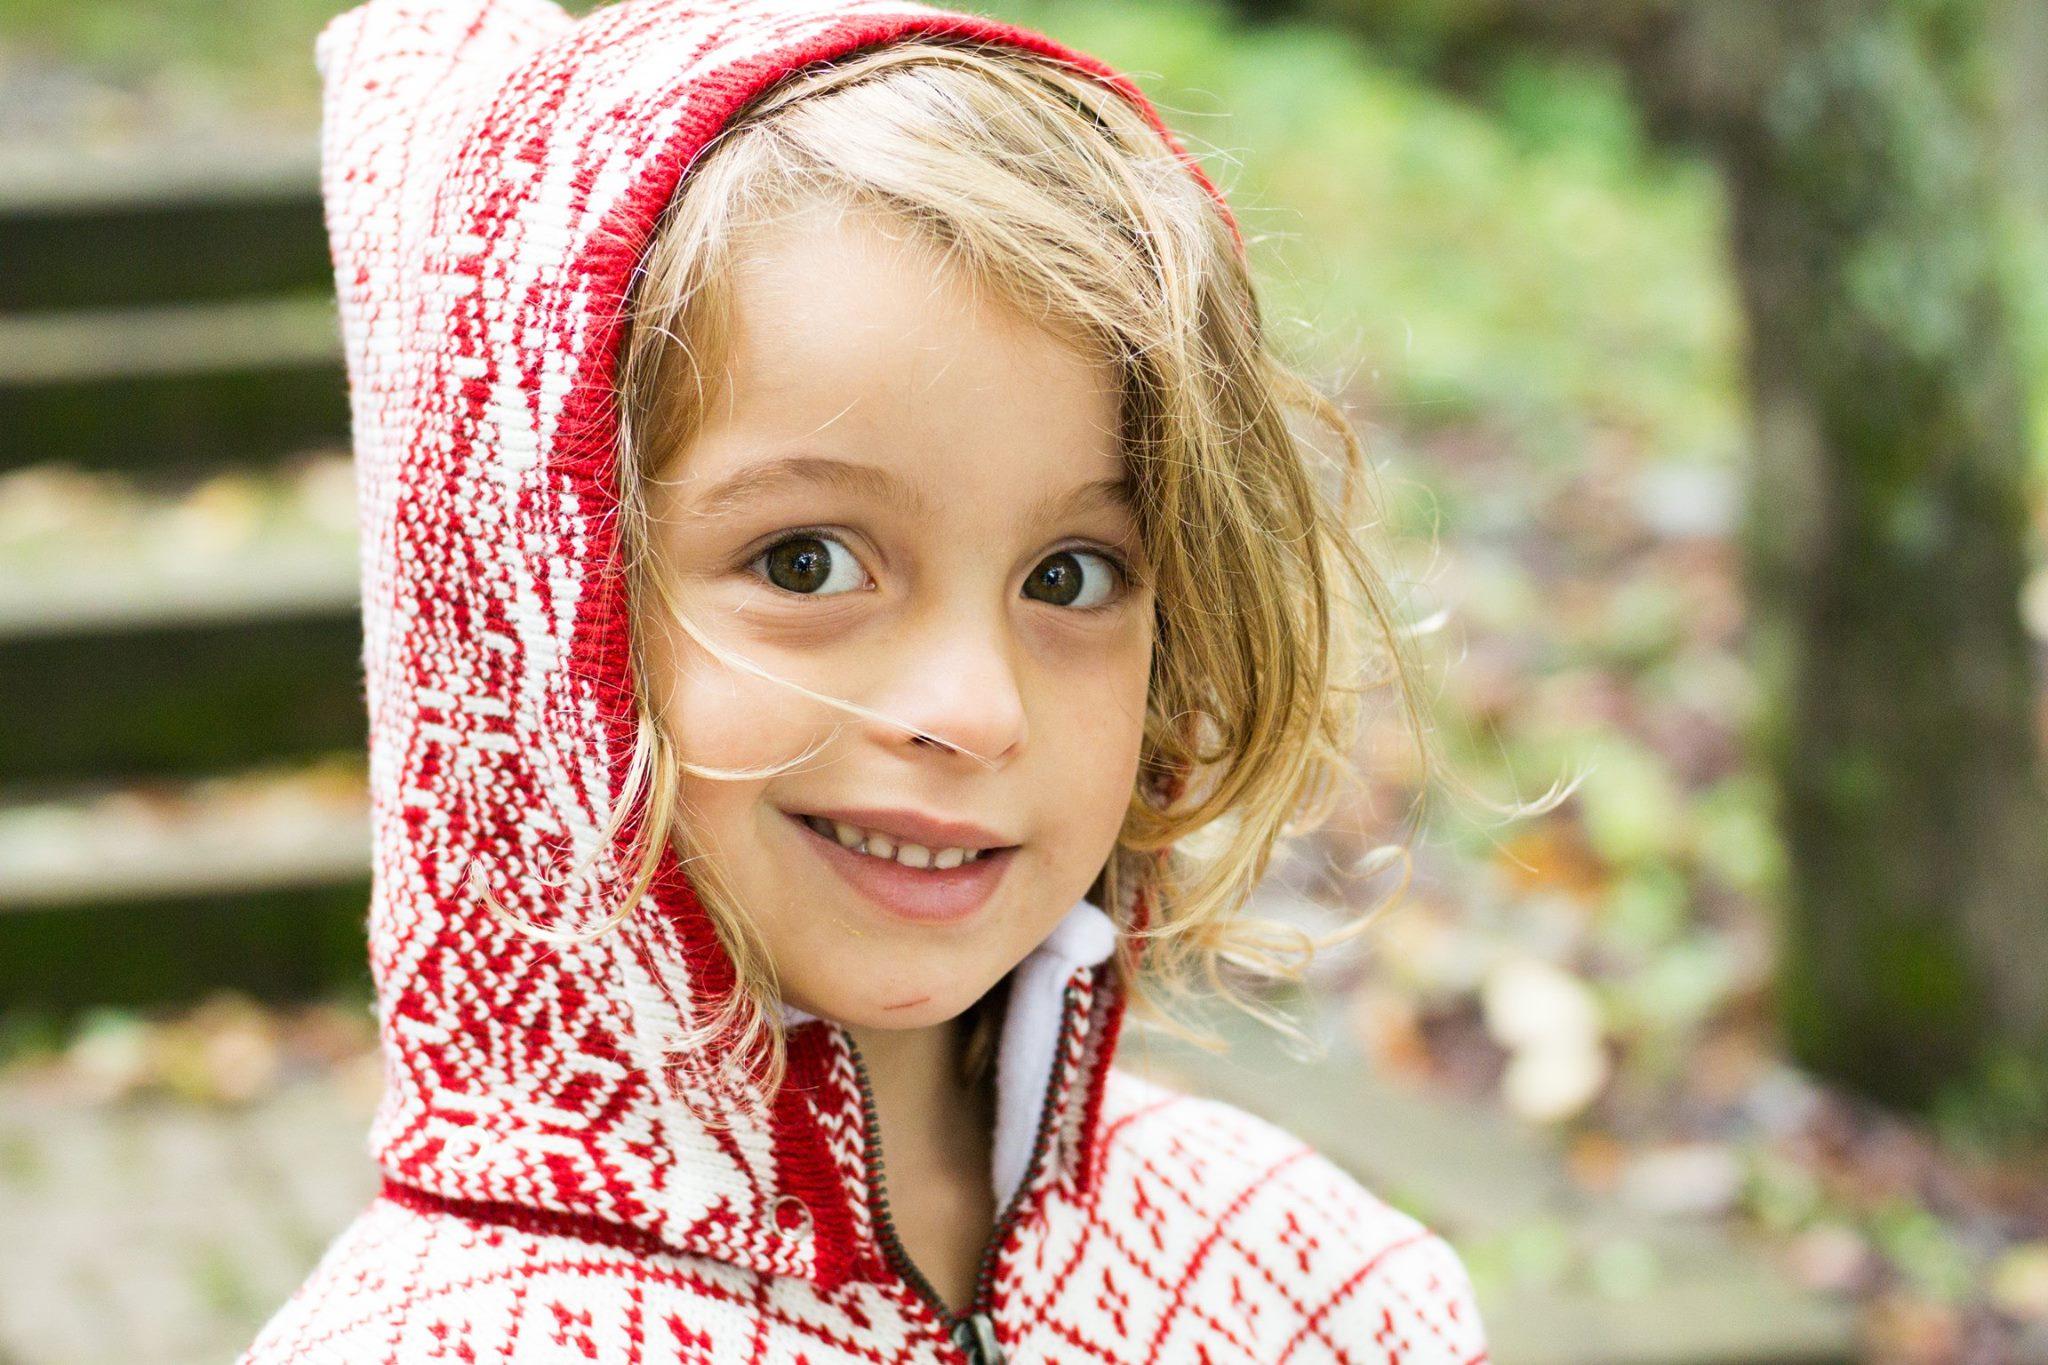 Comment prendre des beaux portraits d'enfants